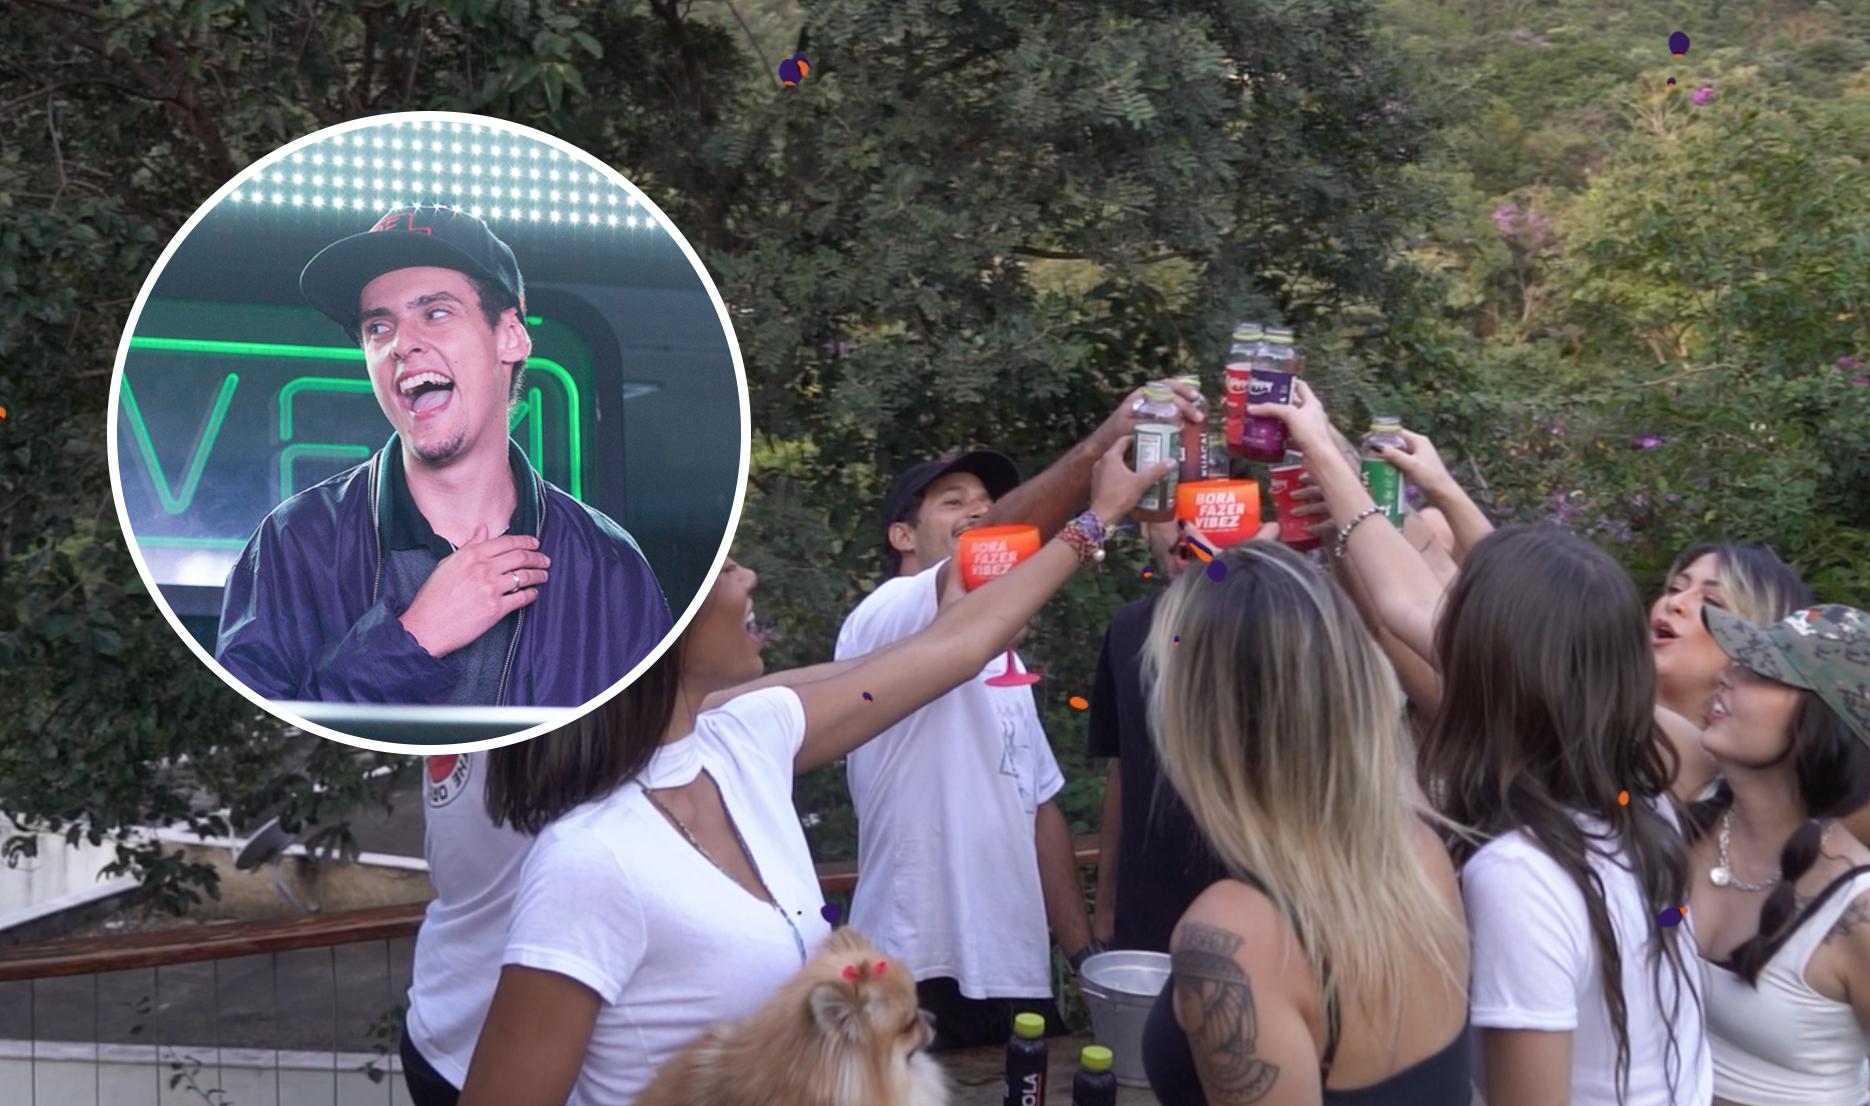 PREMIERE Jacarandá de Vitor Kley e Vitão ganha remix oficial do RQntz com direito a videoclipe vibez